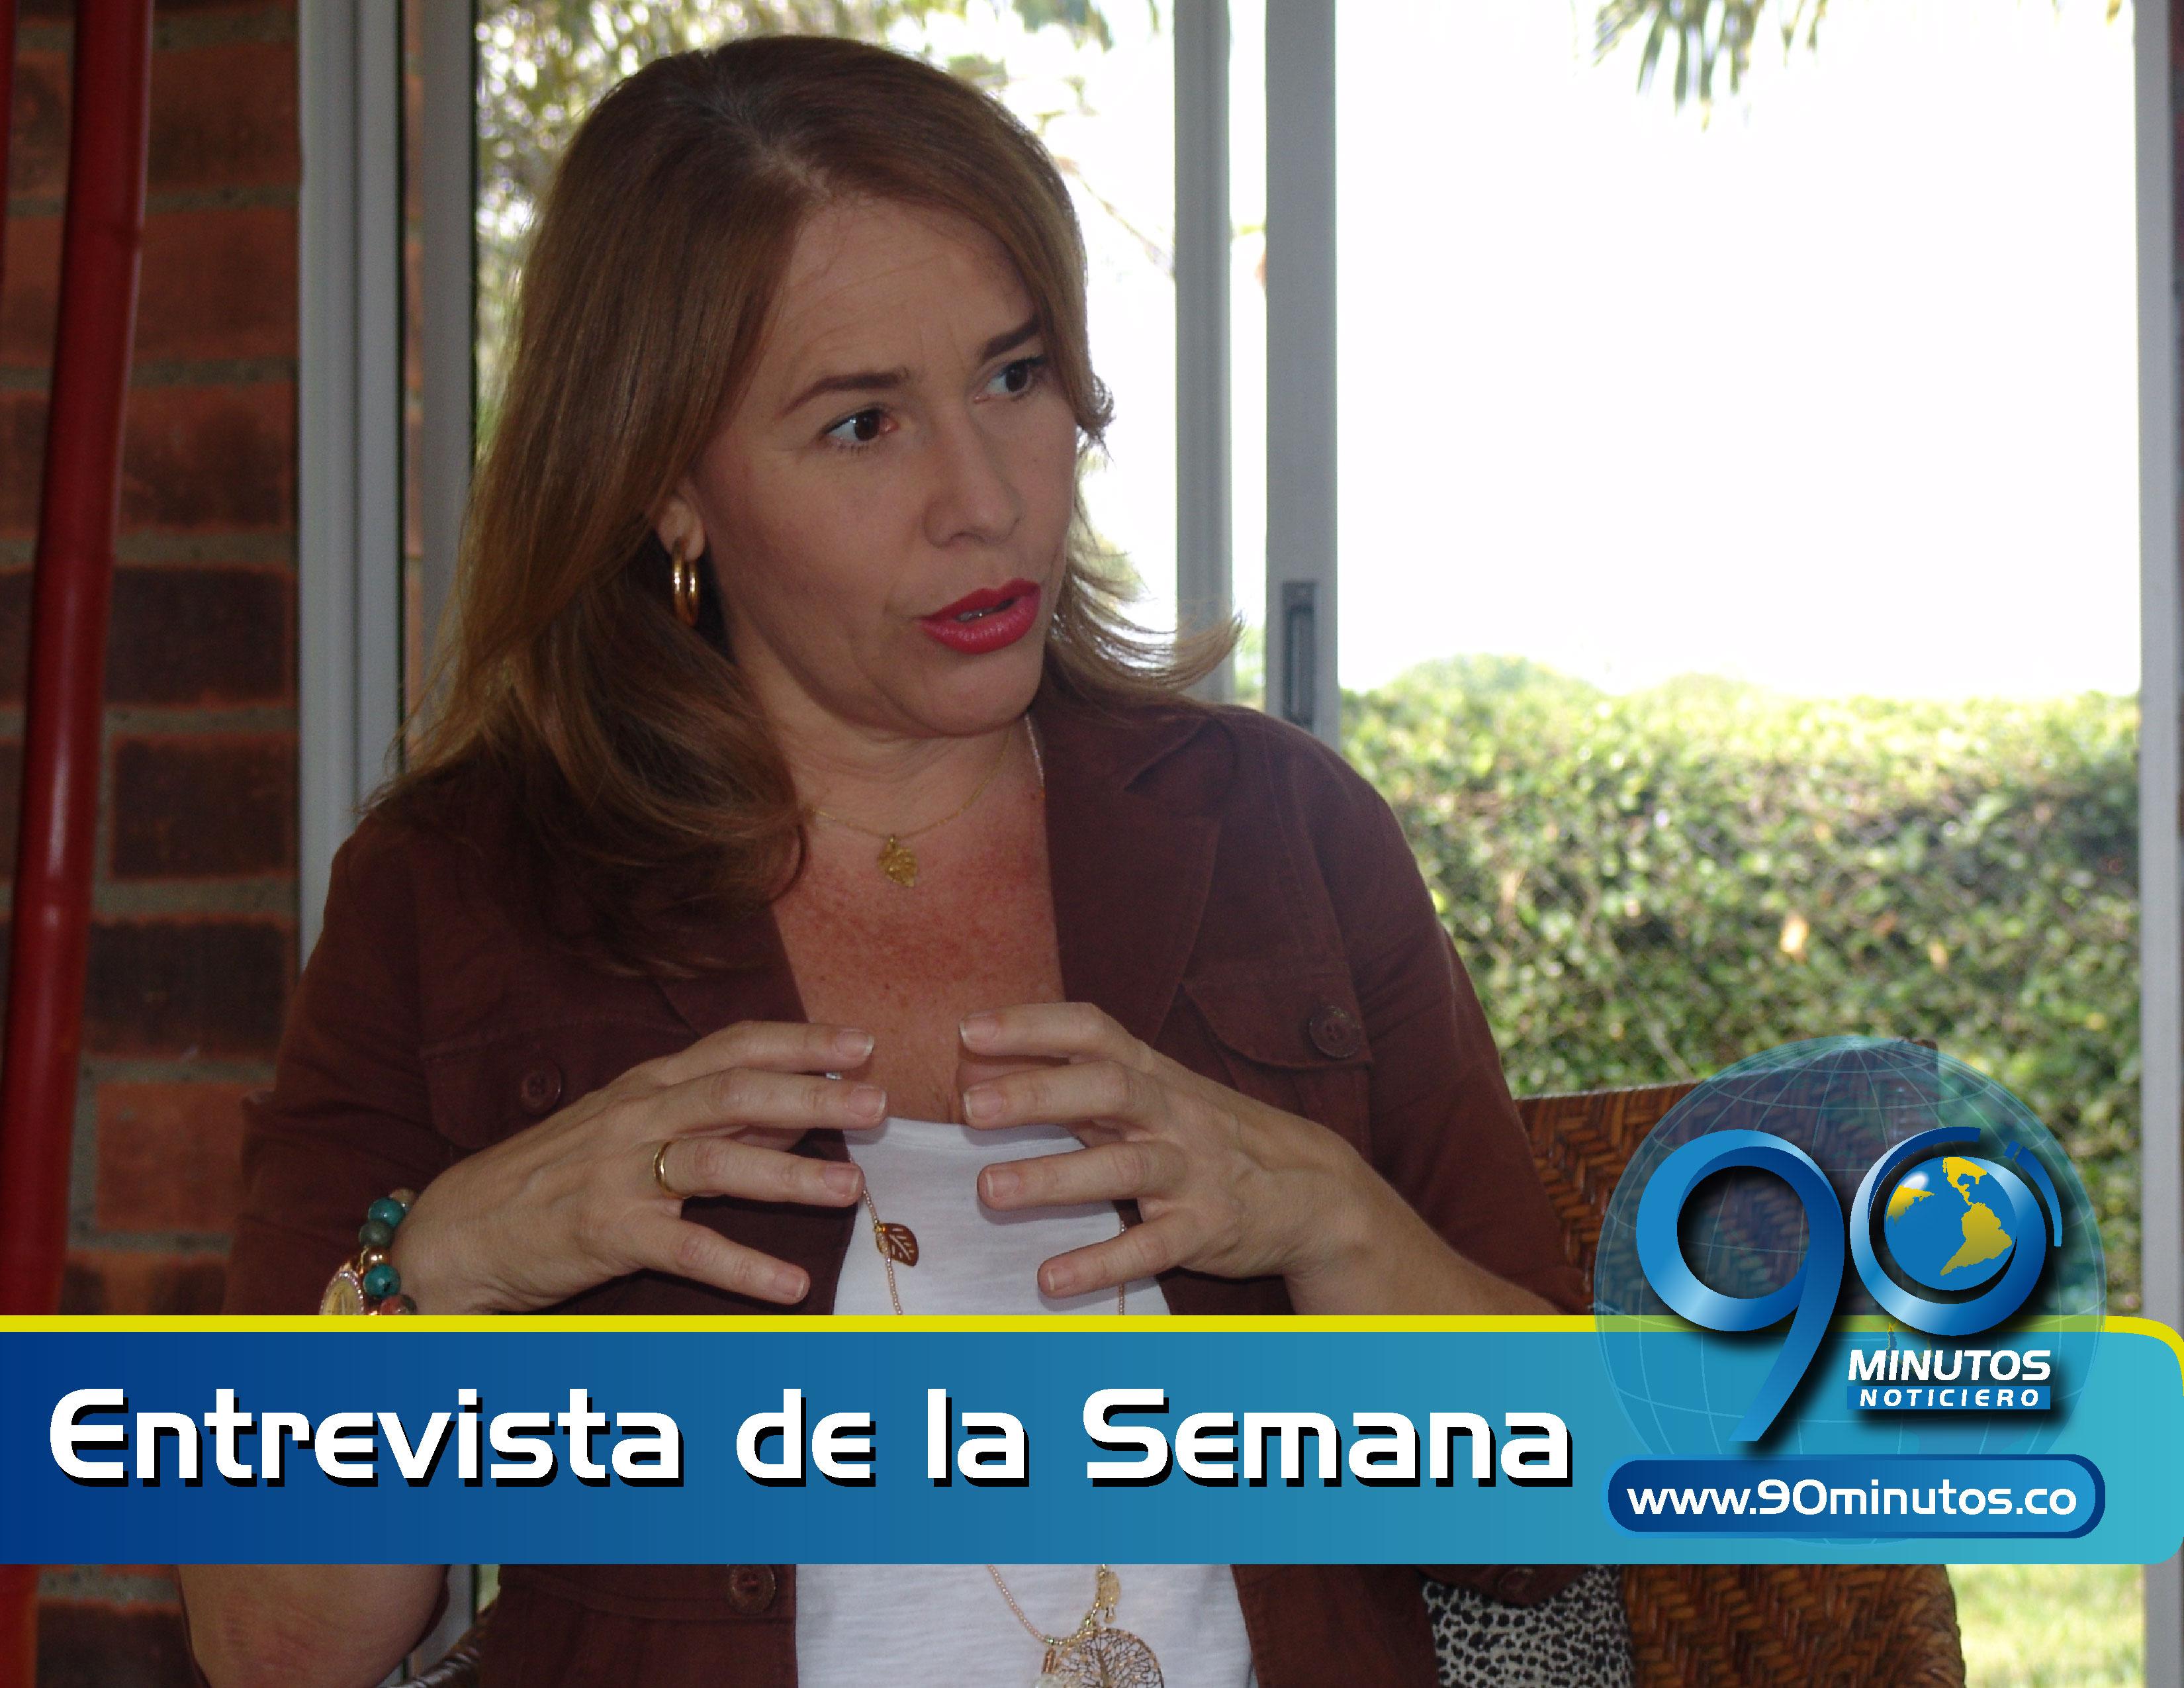 El Estado le dio la espalda a la tv pública: Adriana Santacruz